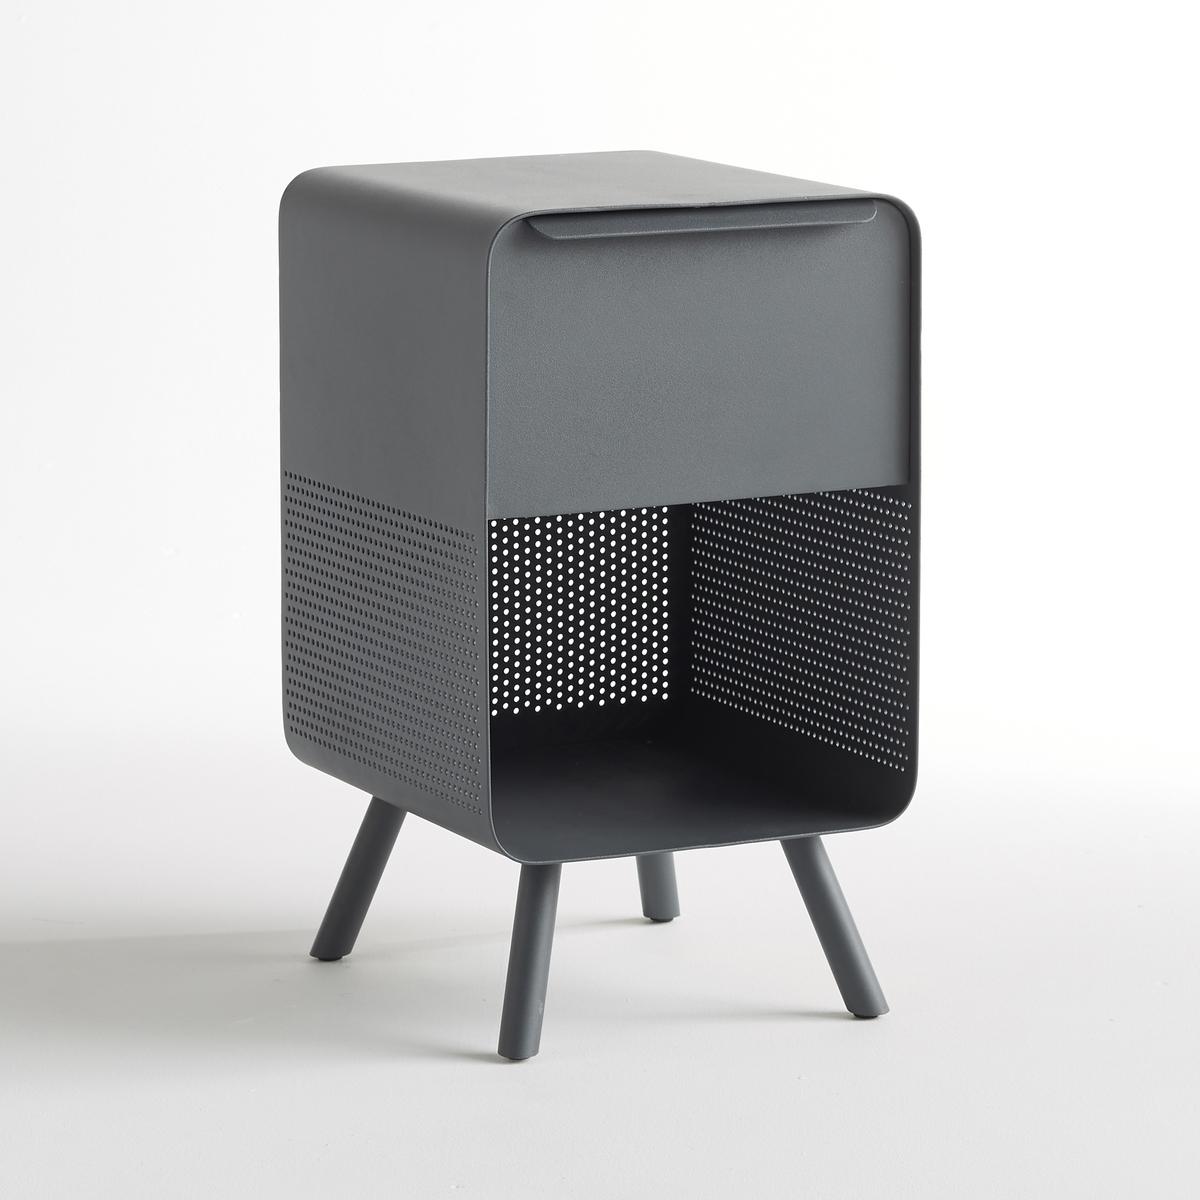 Столик La Redoute Журнальный Steel единый размер серый